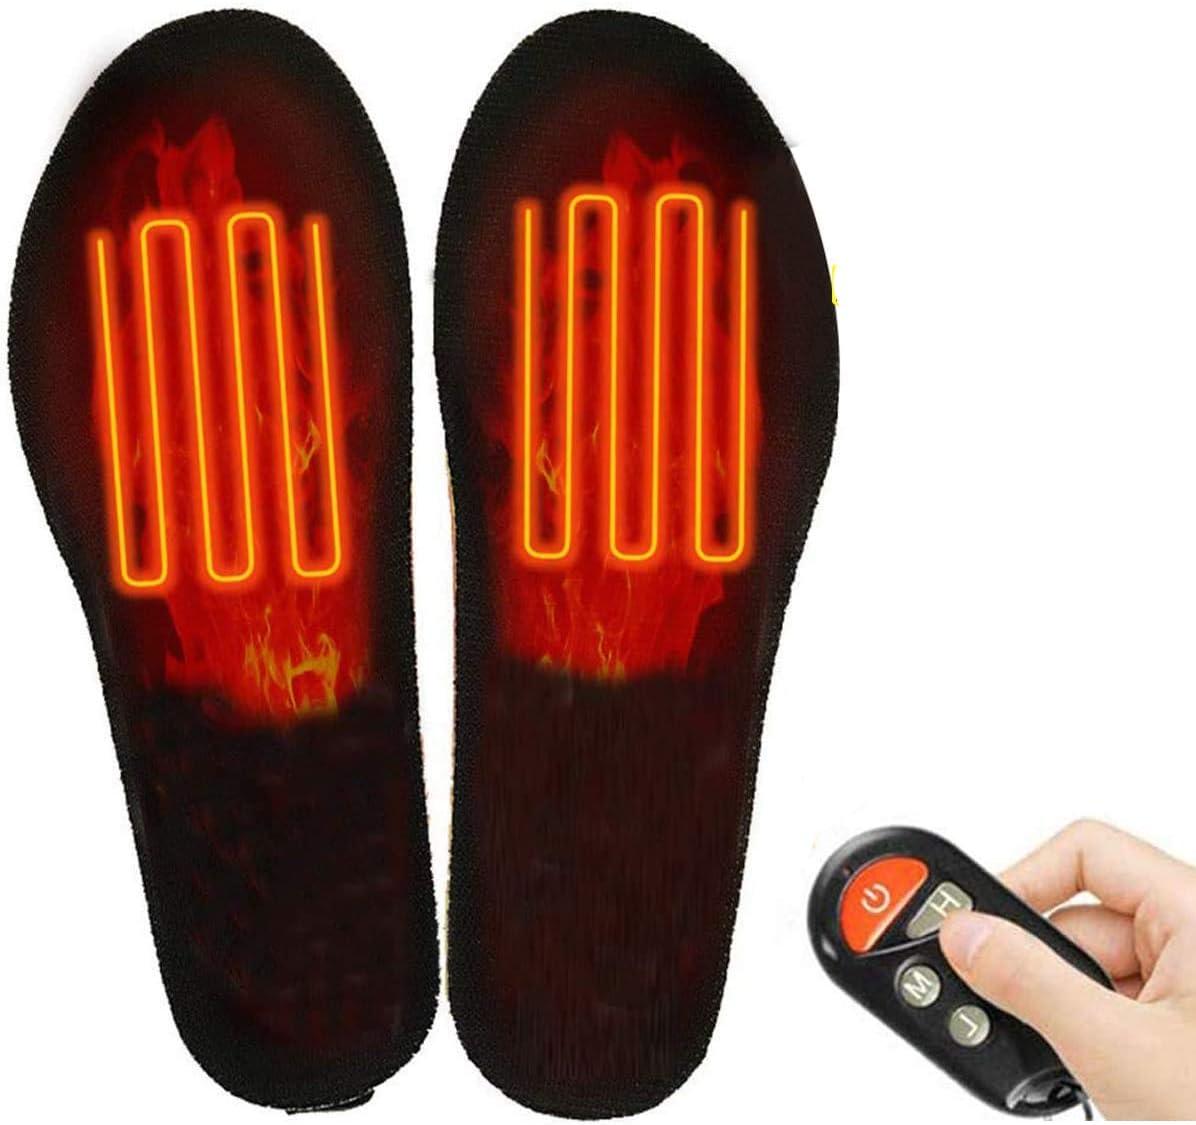 USB Lade Elektrisch Beheizbare Einlegesohlen Beheizte Schuheinlagen Sohlen Black